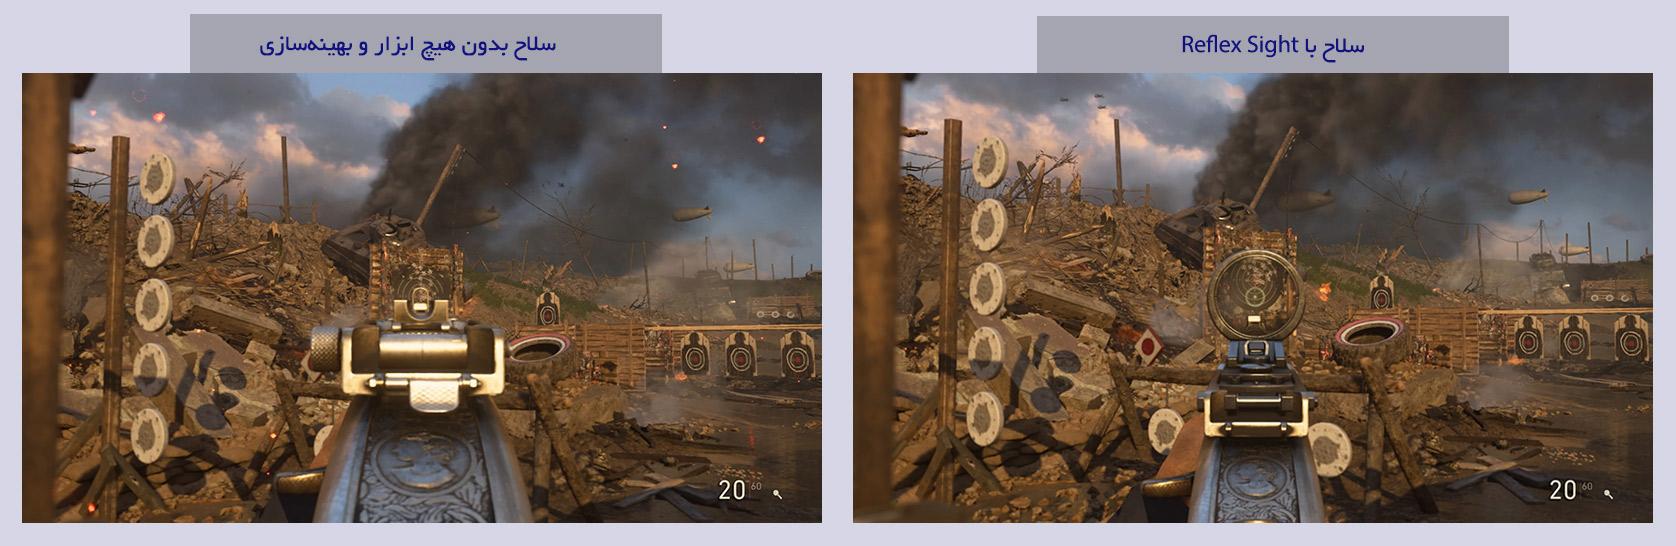 مقایسه ی Reflex Sight و بدون اتچمنت در cod ww2